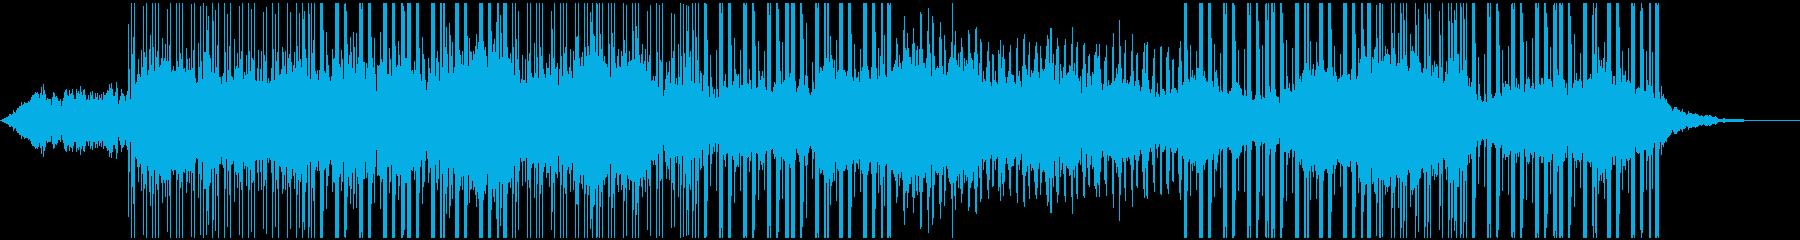 神秘的なのに何故かヒップホップドラムの再生済みの波形